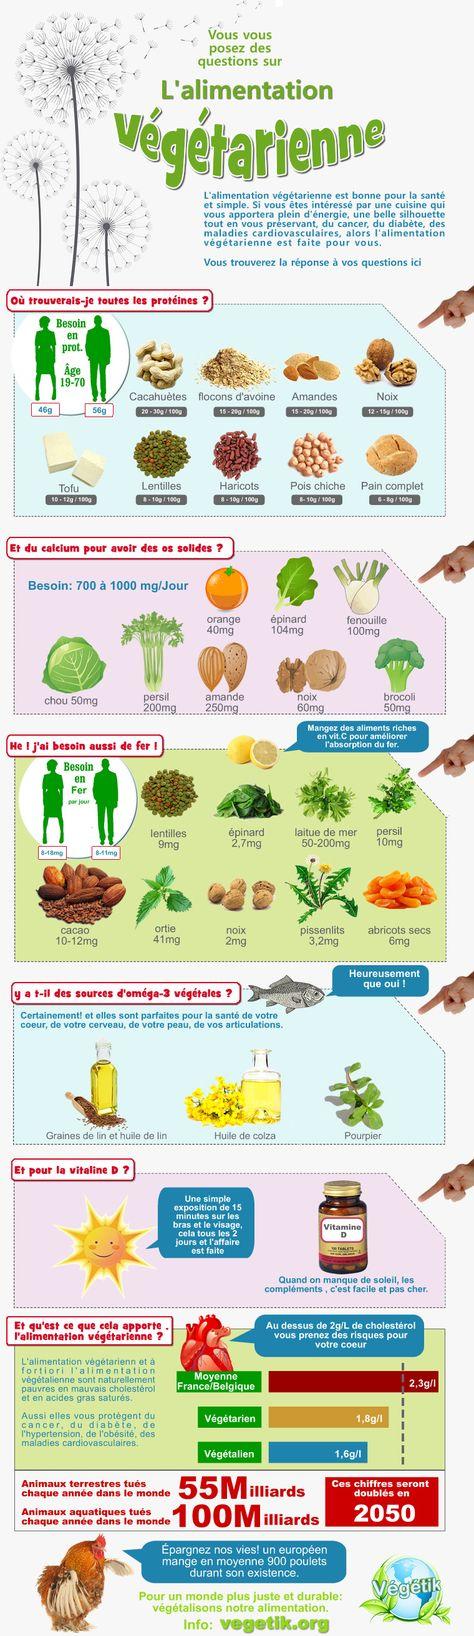 Trouver des protéines quand on mange végétarien